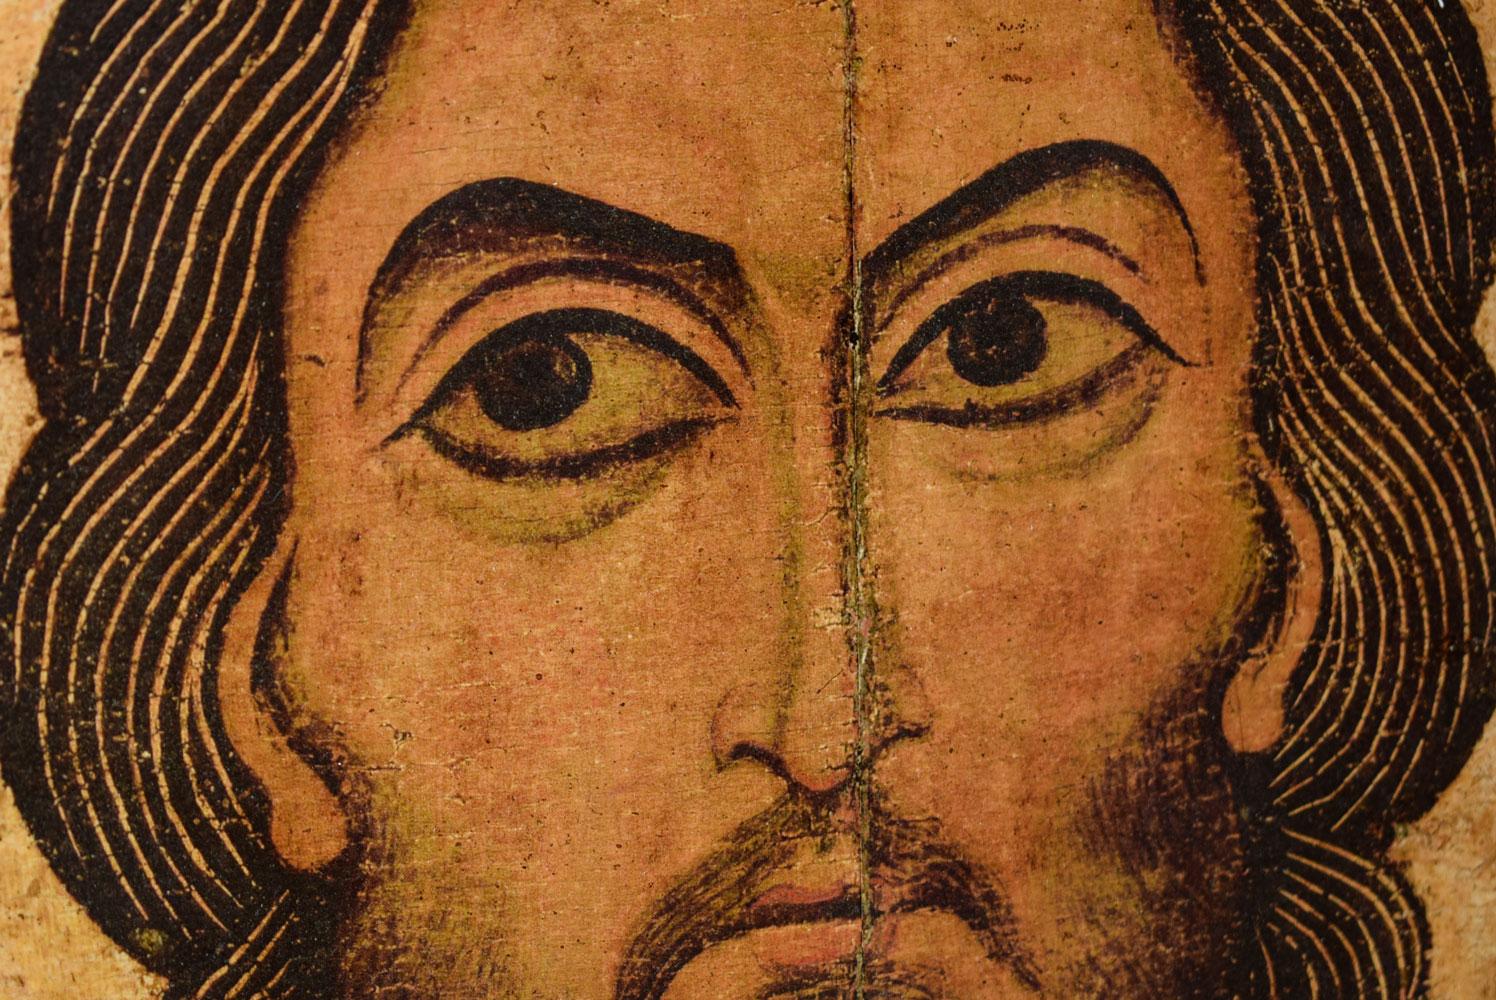 Нерукотворный образ Спасителя нашего Иисуса Христа